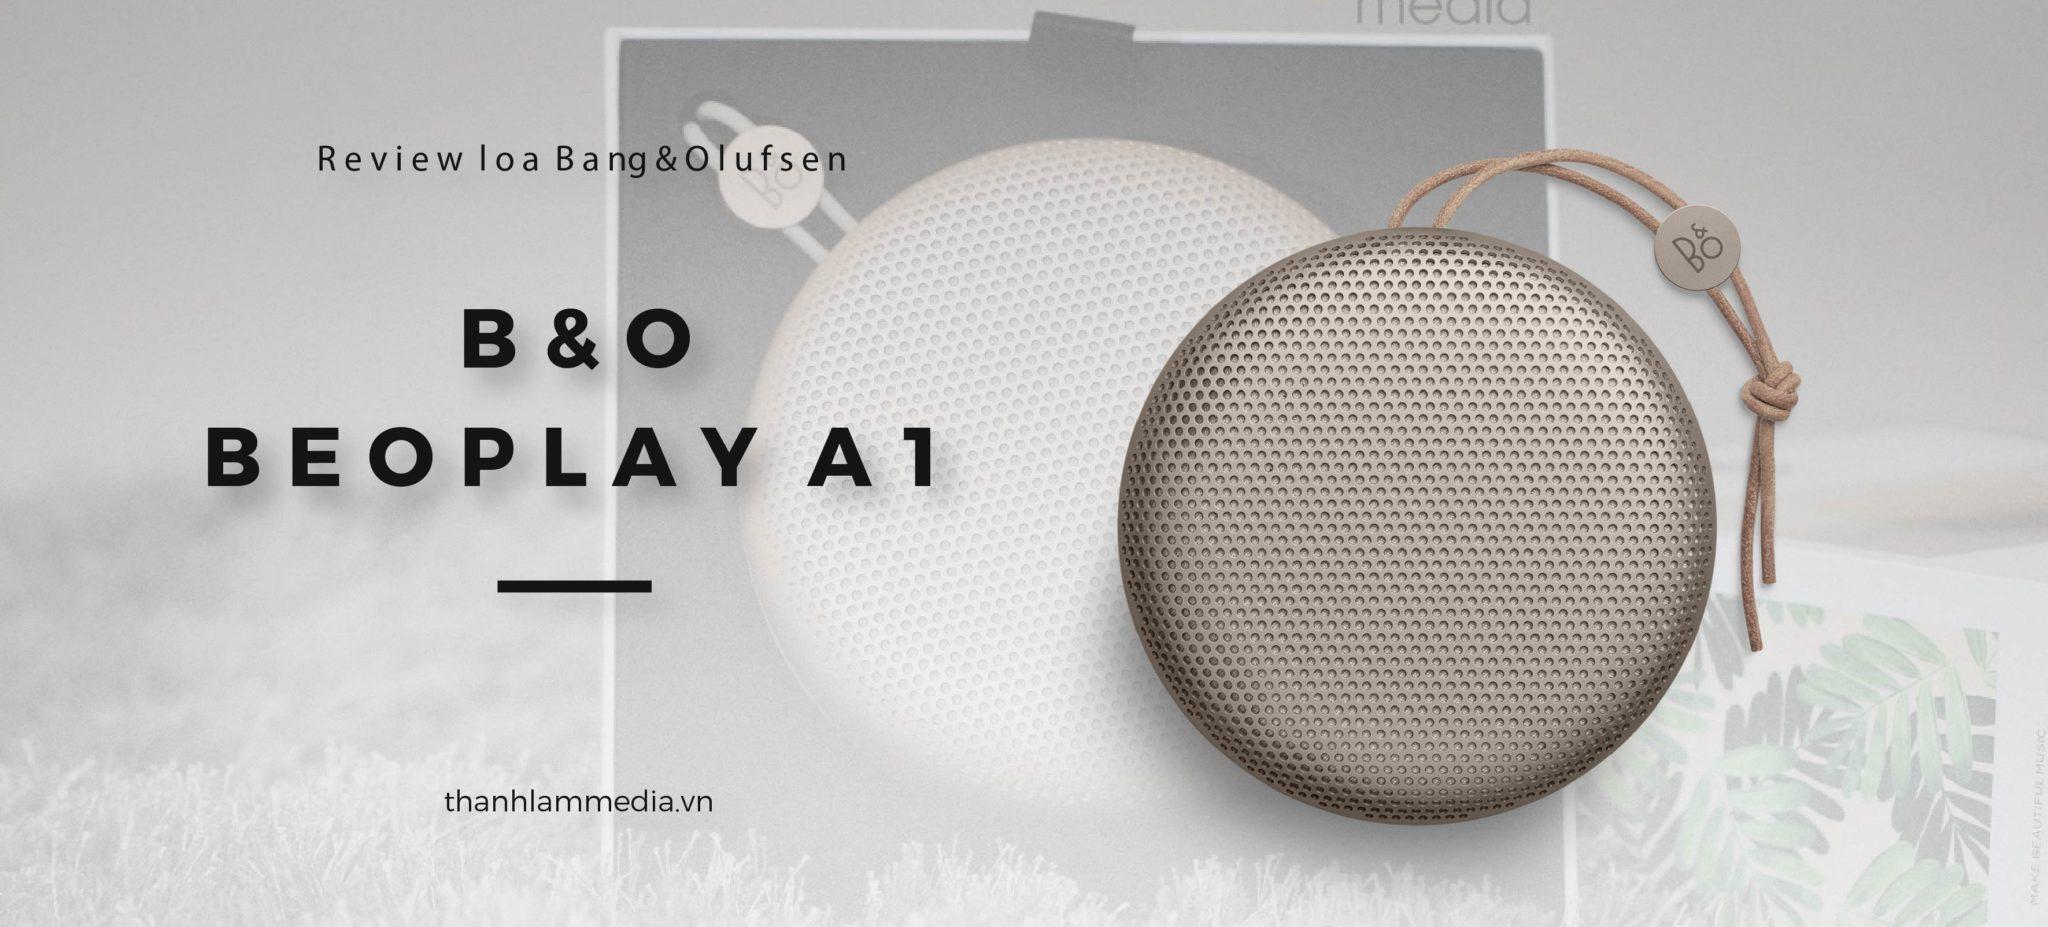 B&O Beoplay A1: Ấn tượng từ thiết kế đến âm thanh 1